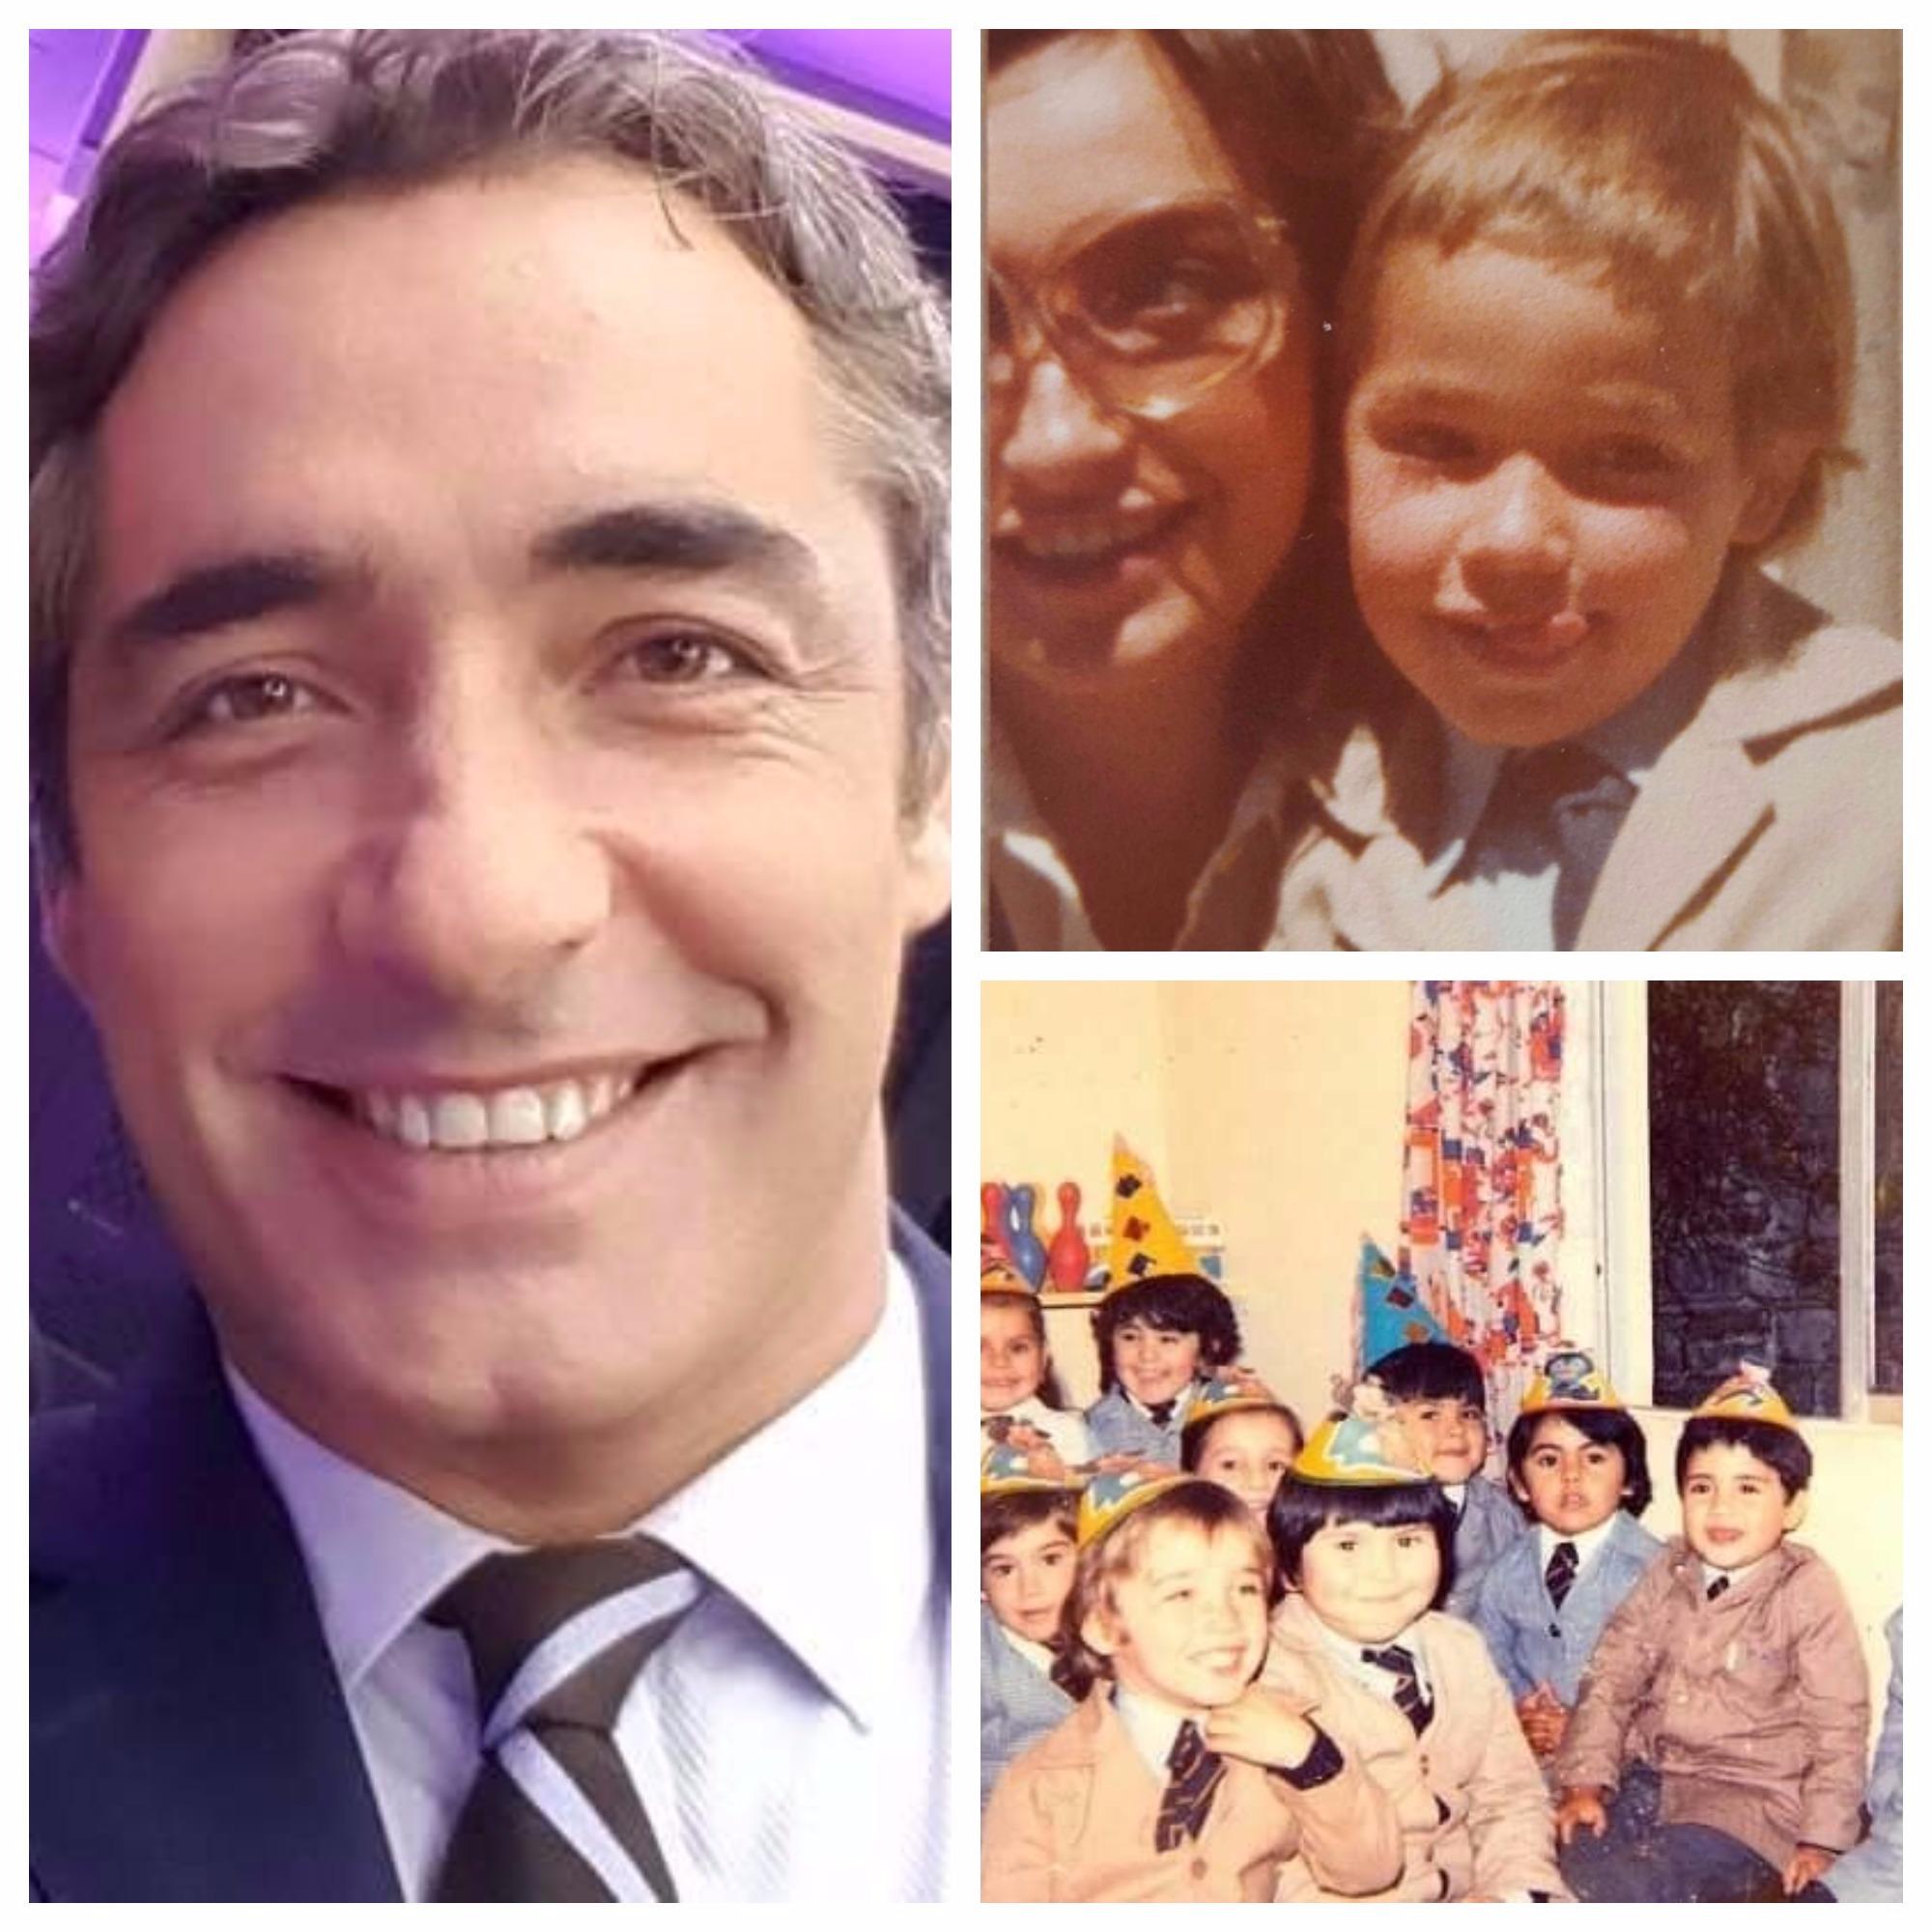 Matrimonio Jose Luis Repenning : Fotos dÍa del niÑo asÍ eran los conductores de ahora